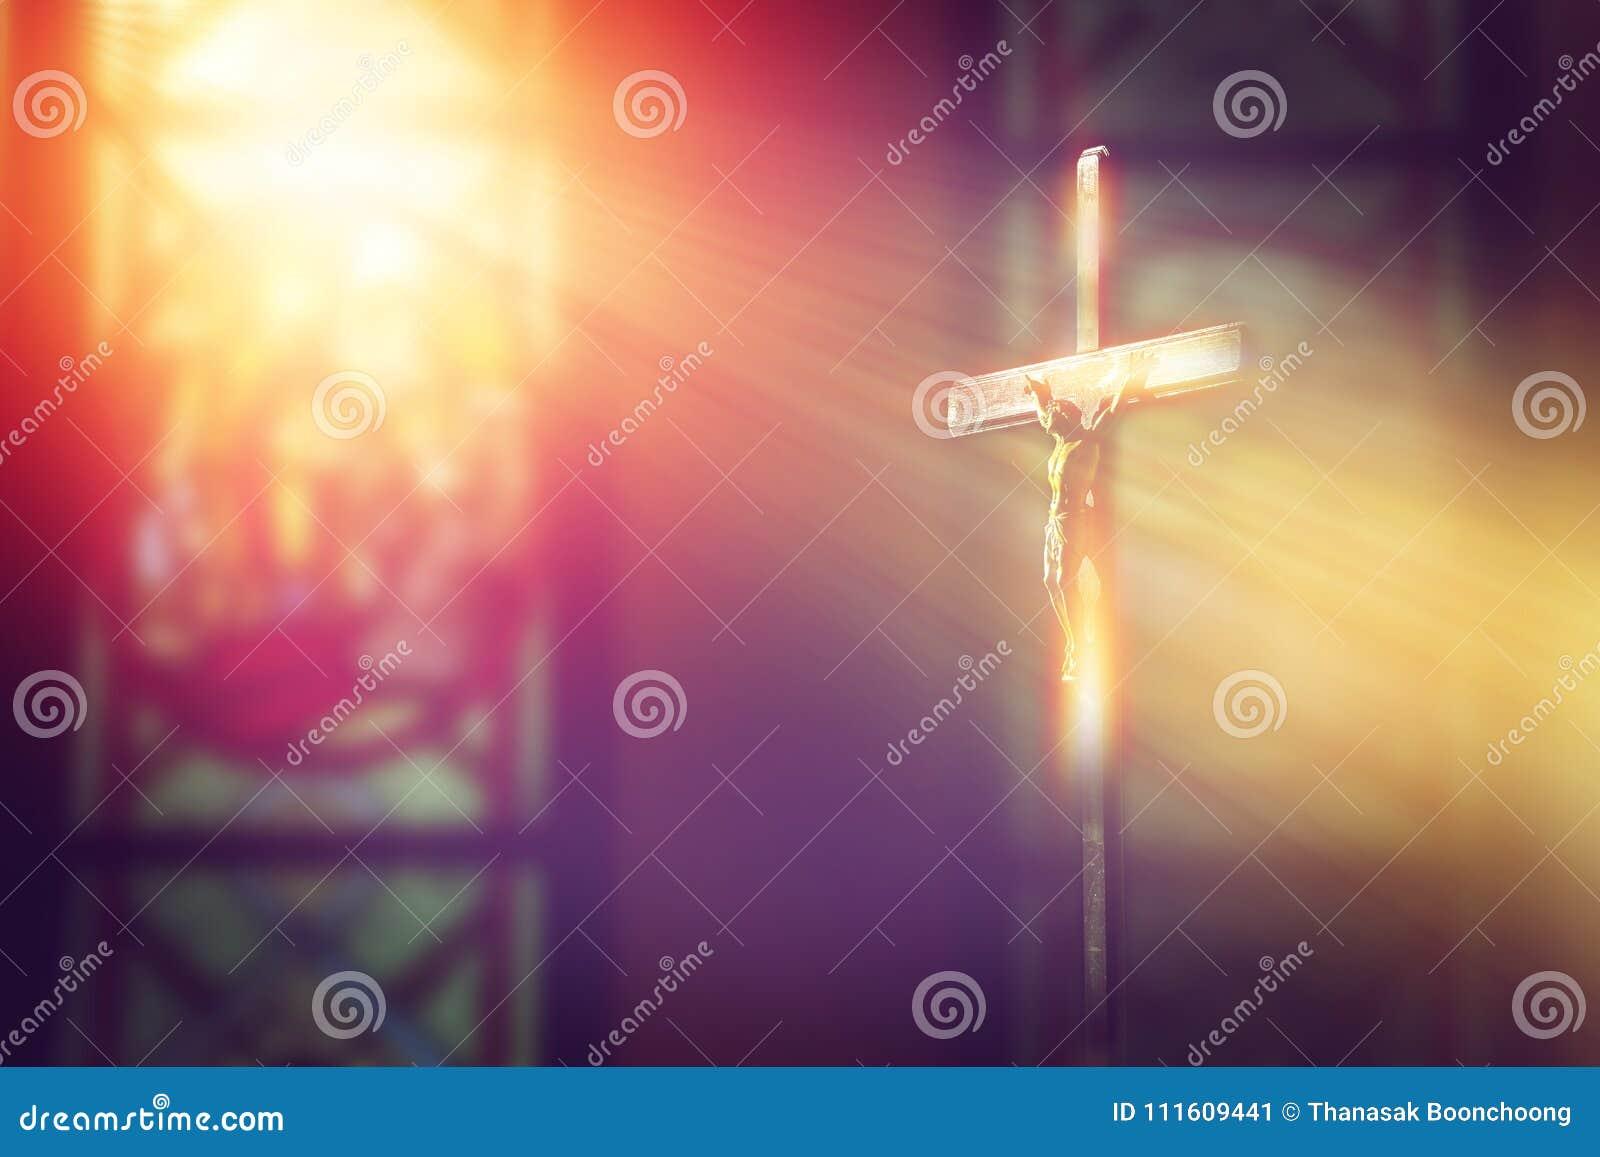 Распятие, Иисус на кресте в церков с лучем света